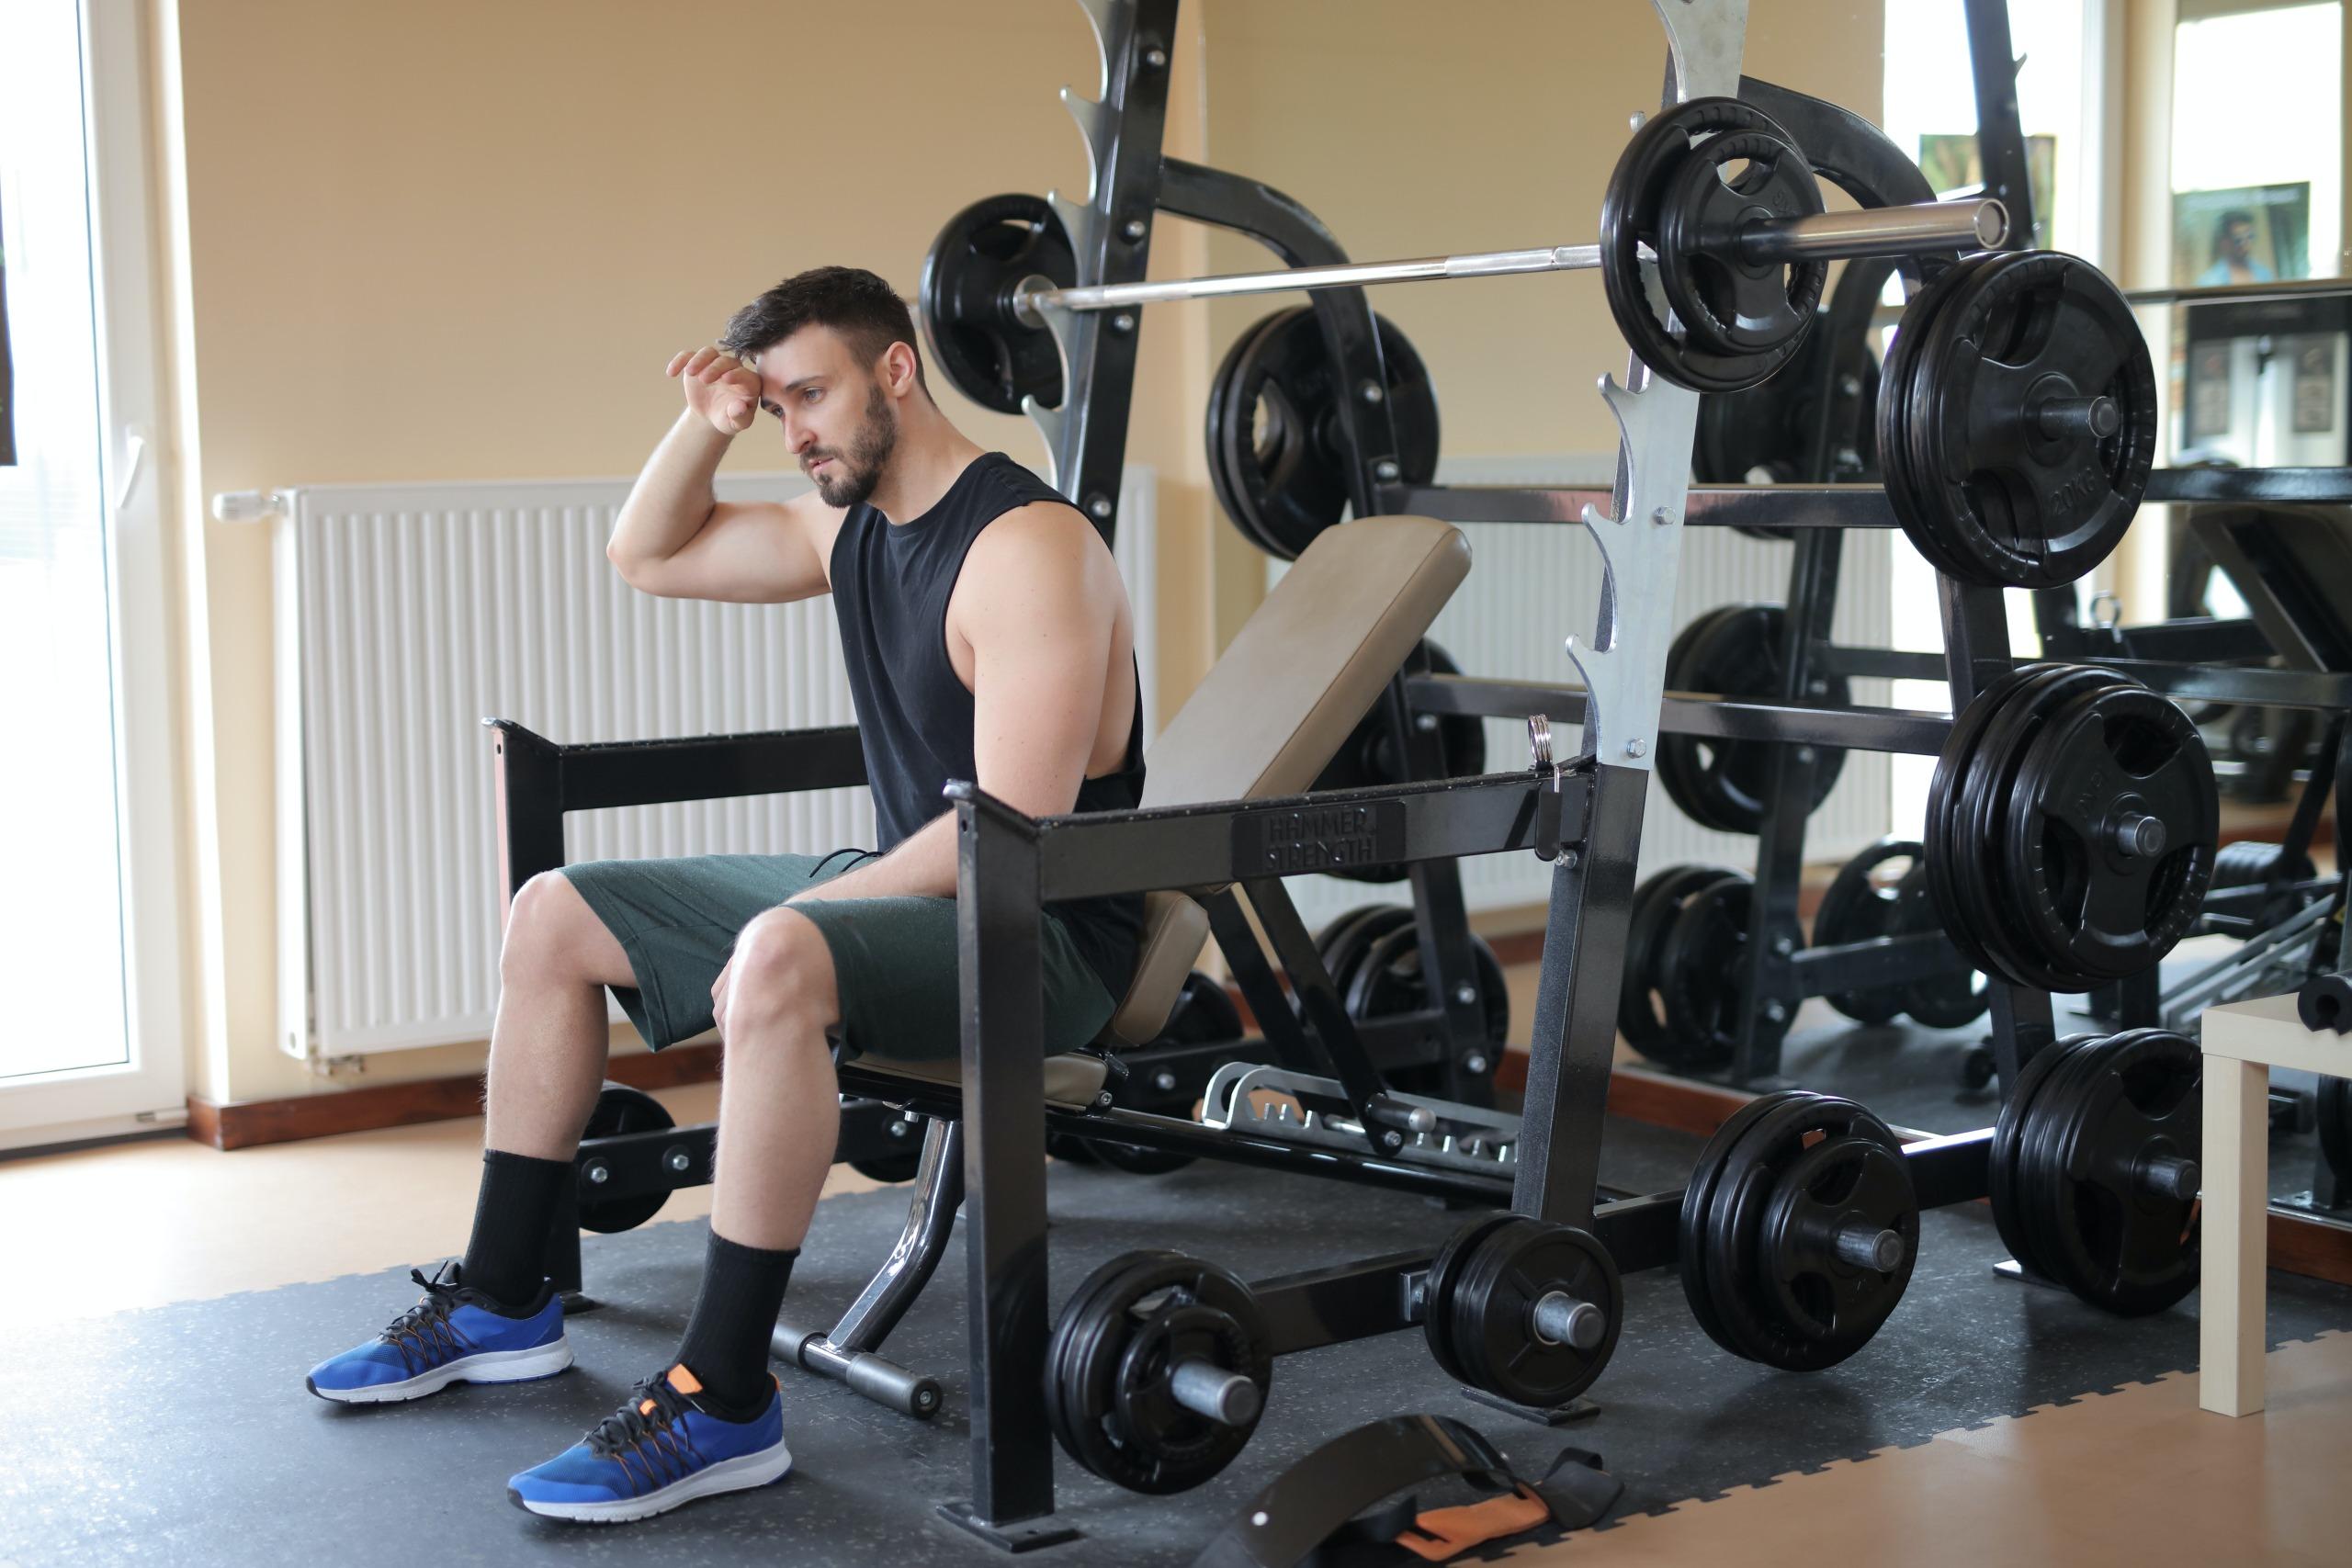 Men in gym